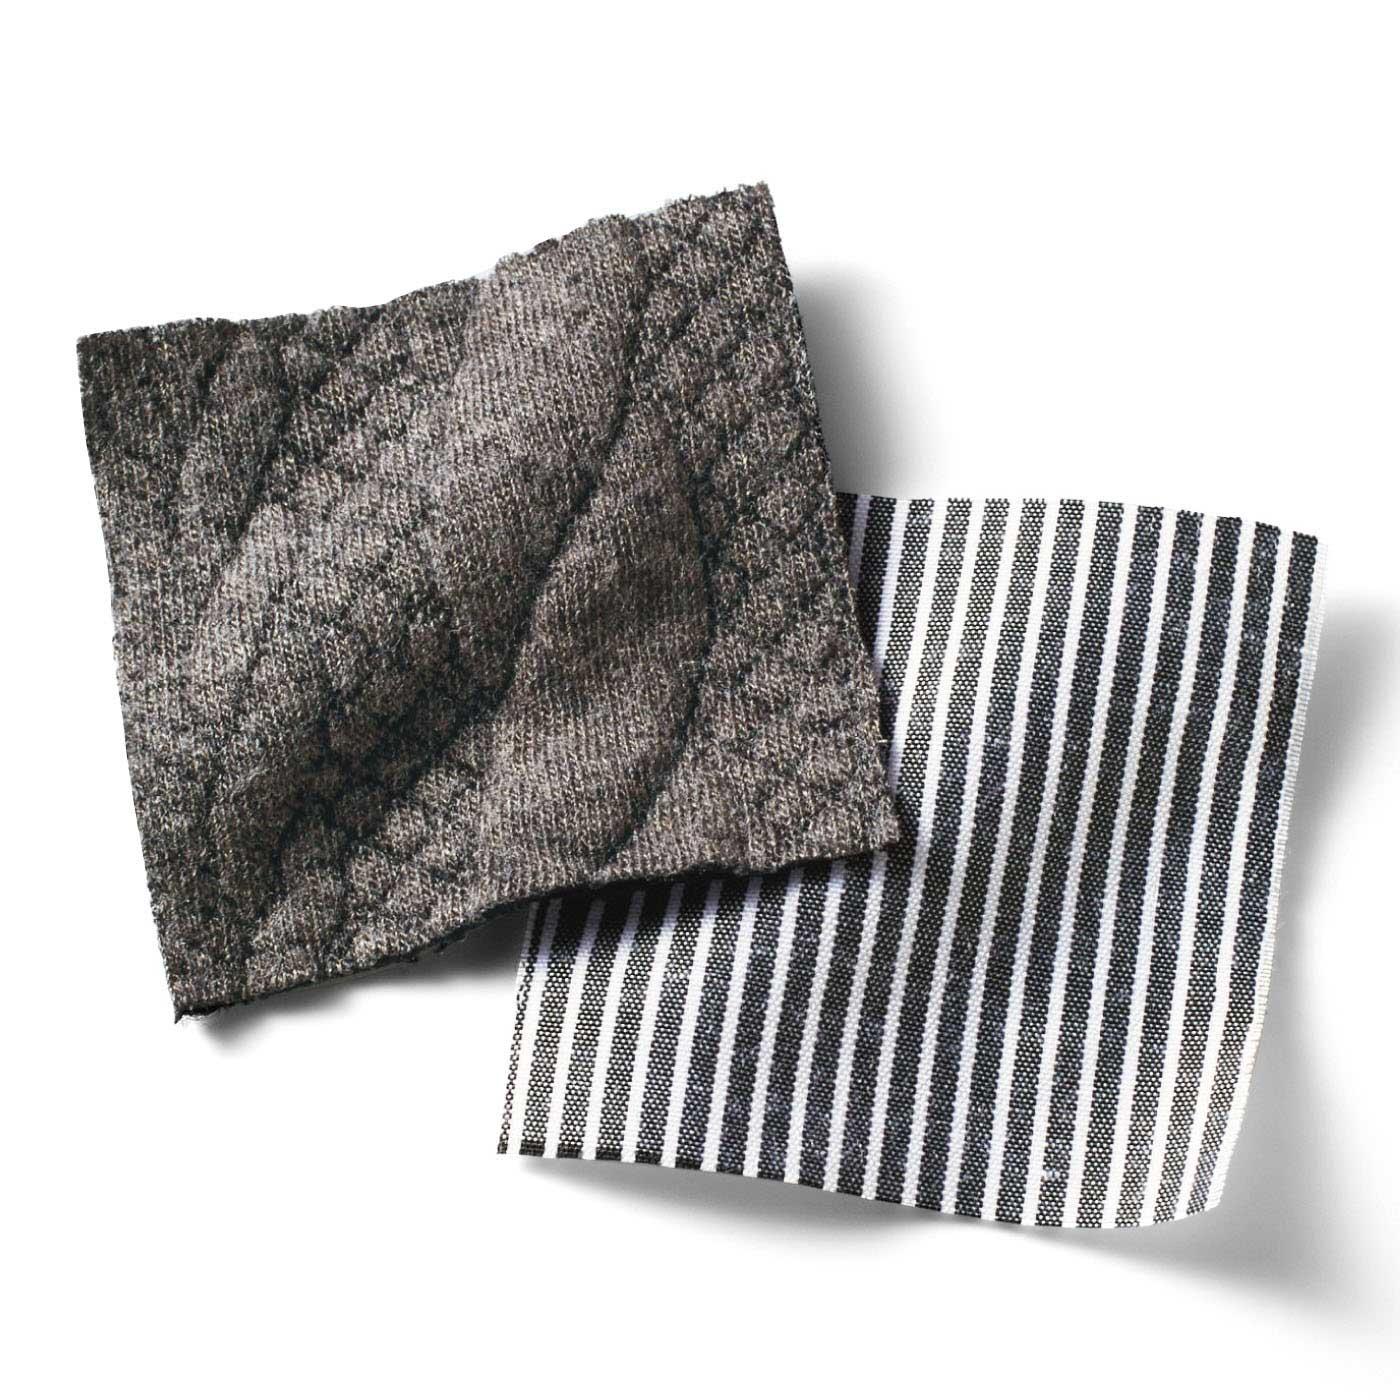 編み柄風のカットソーキルトとストライプのシャツ素材。